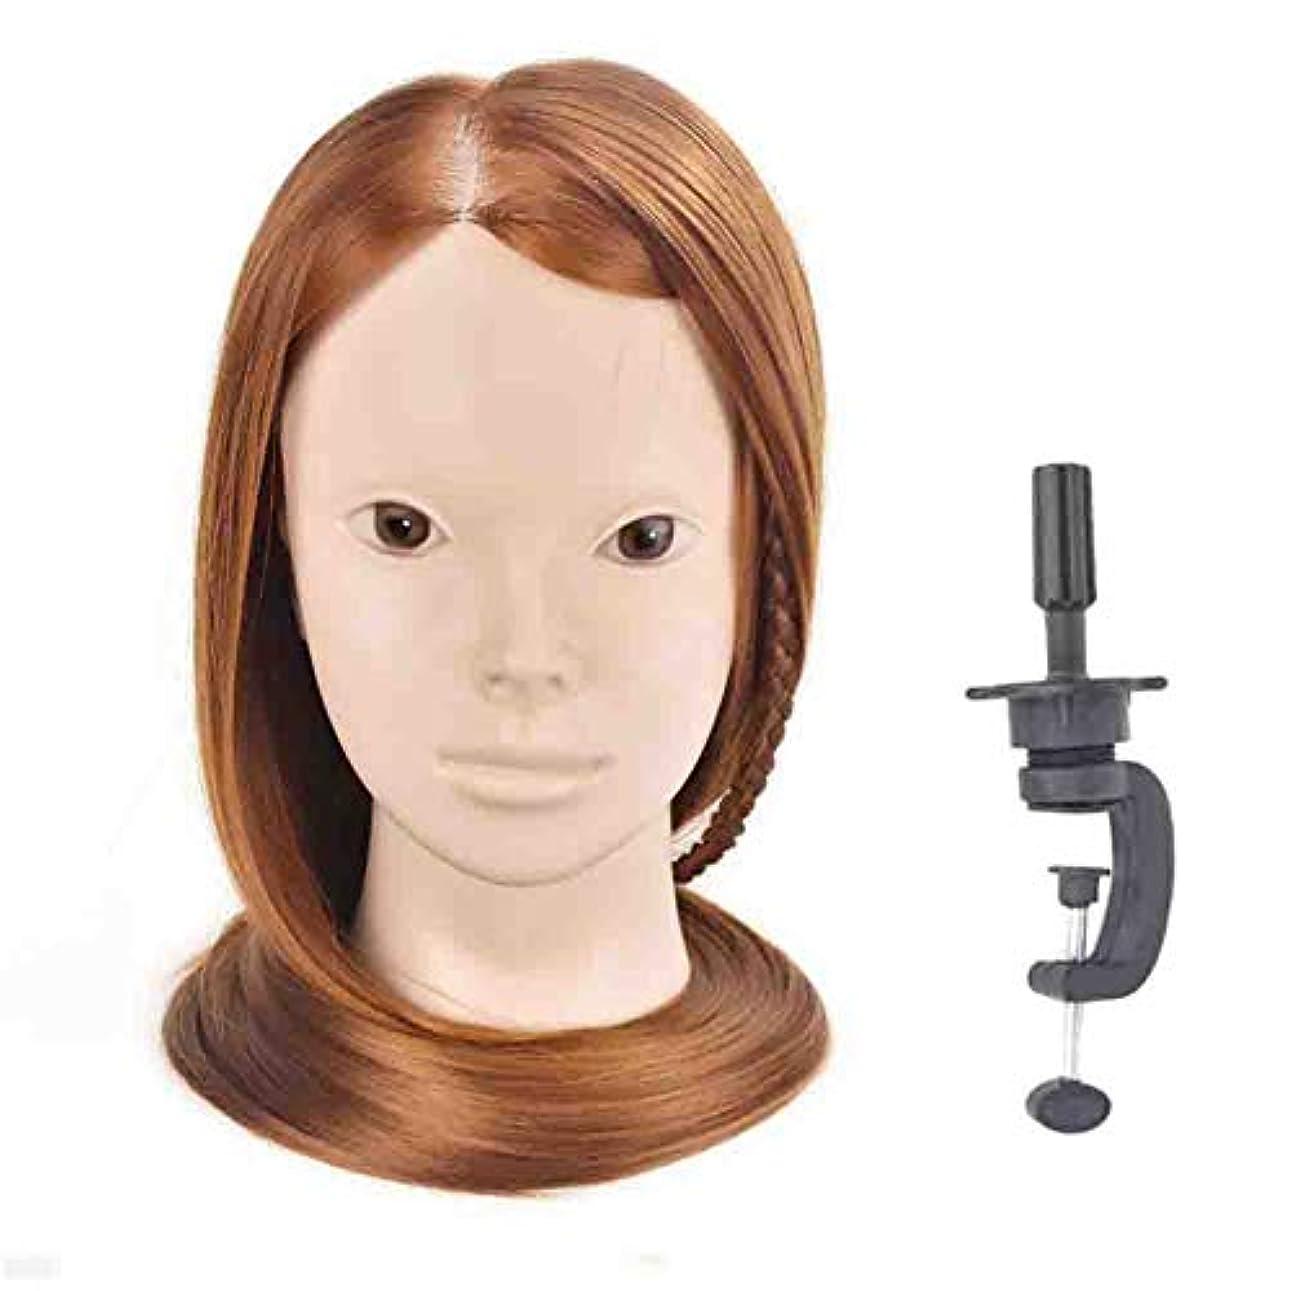 蘇生する名誉ねじれは、花嫁の髪編組ひも学習ヘッドモデル理髪モデルヘッド理髪サロン散髪ダミー練習ヘッド